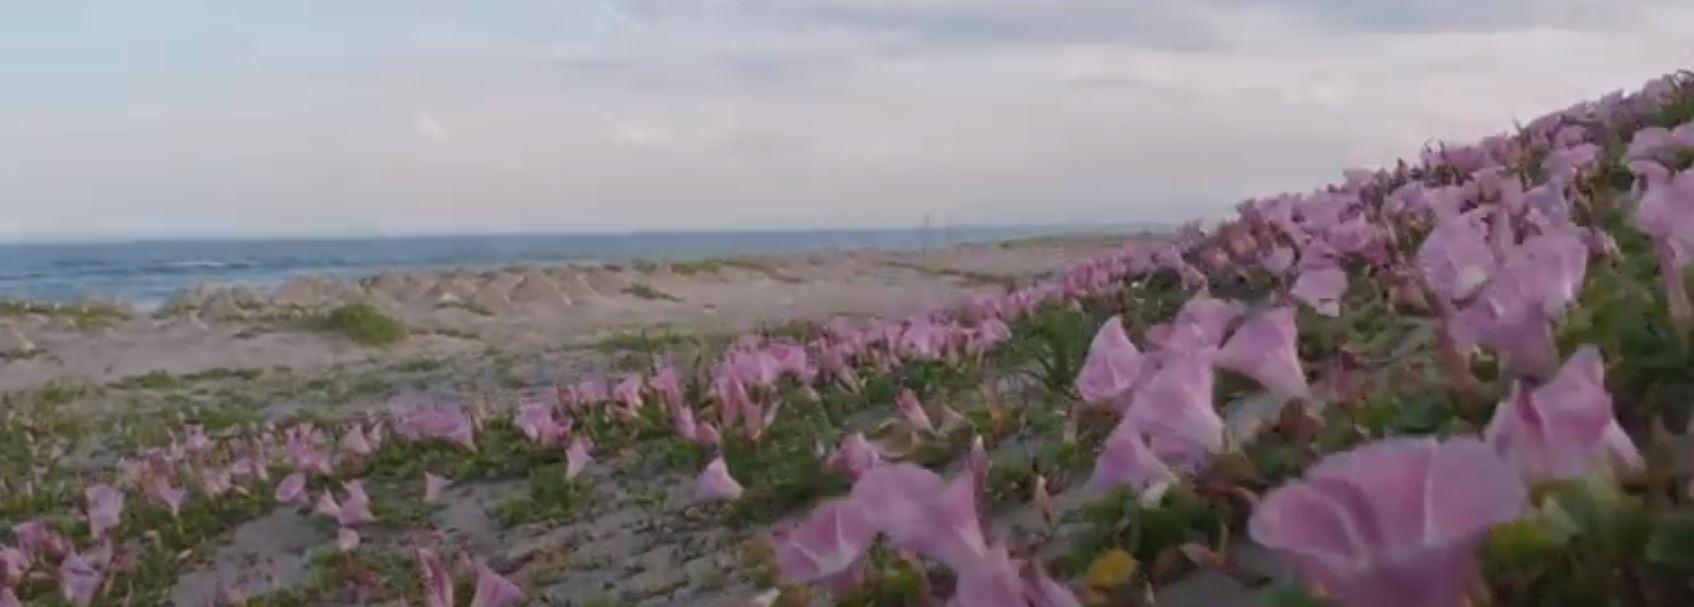 荒浜 ヒルガオ